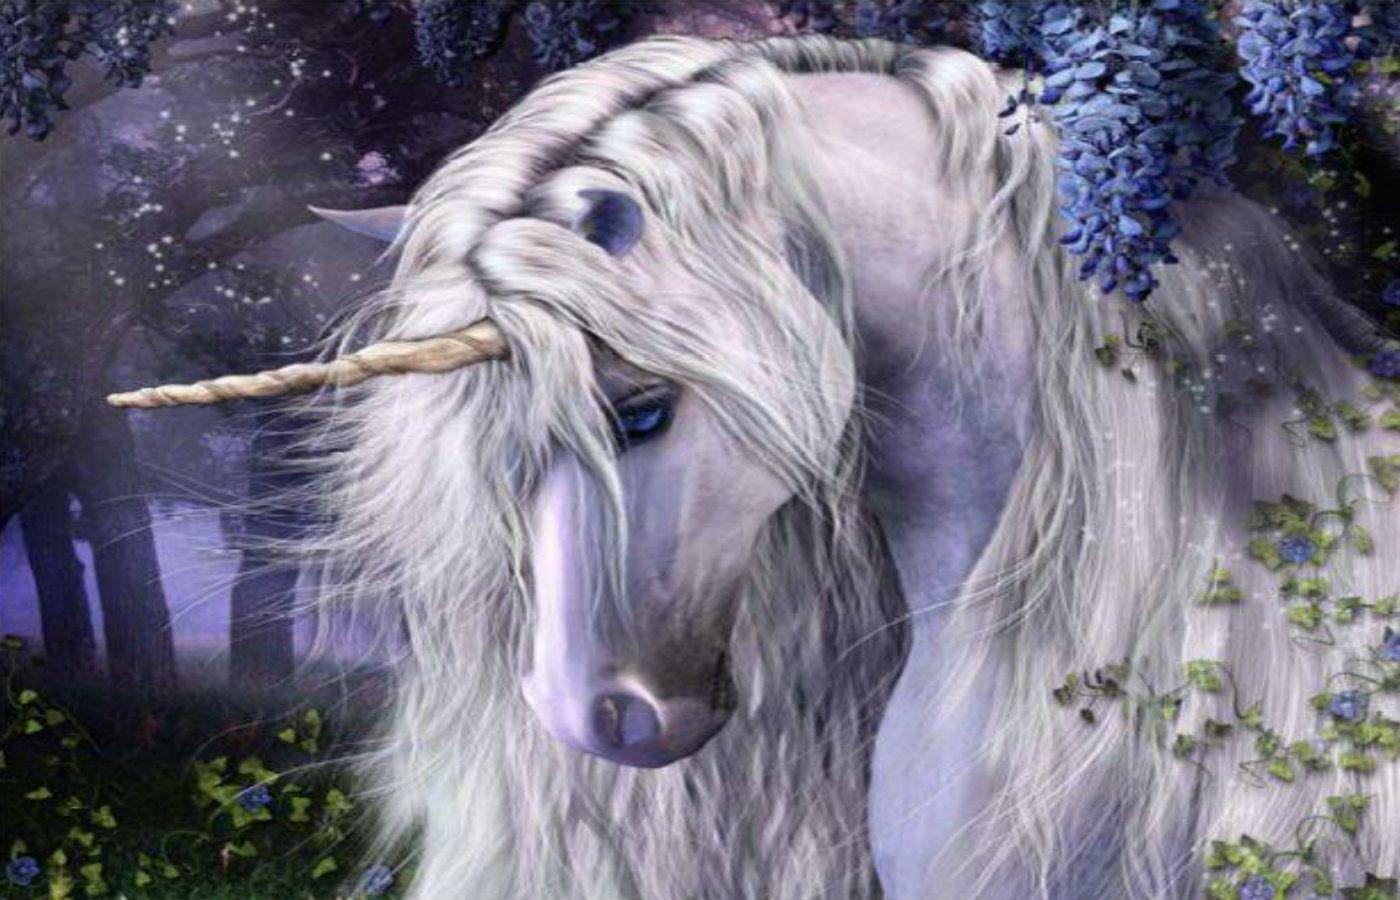 Fantasy Art - Unicorns Galleries